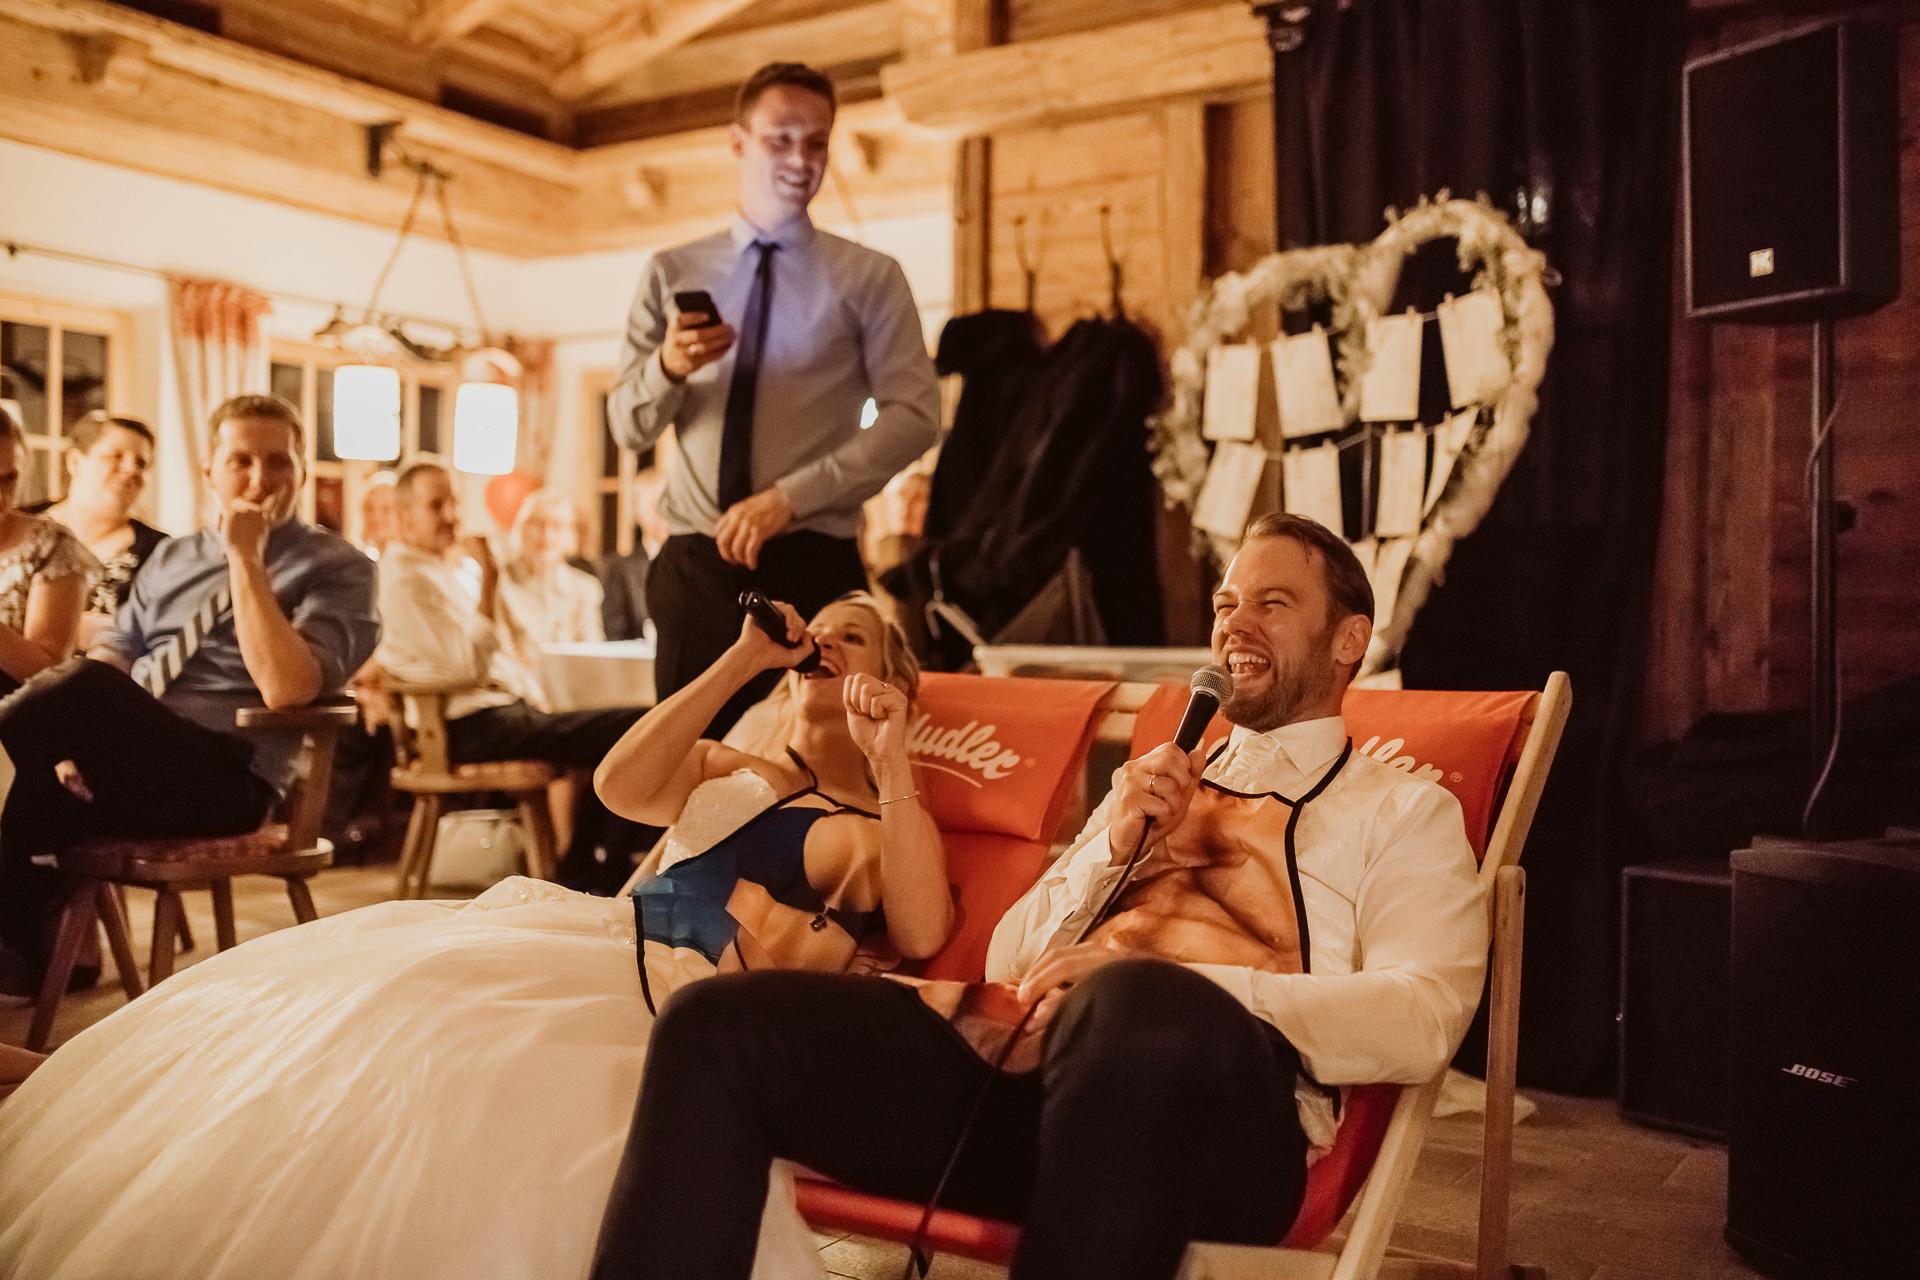 Alexander Utz, Fotografie, Hochzeit, Augsburg, Brautkleid, Brautstrauss-94